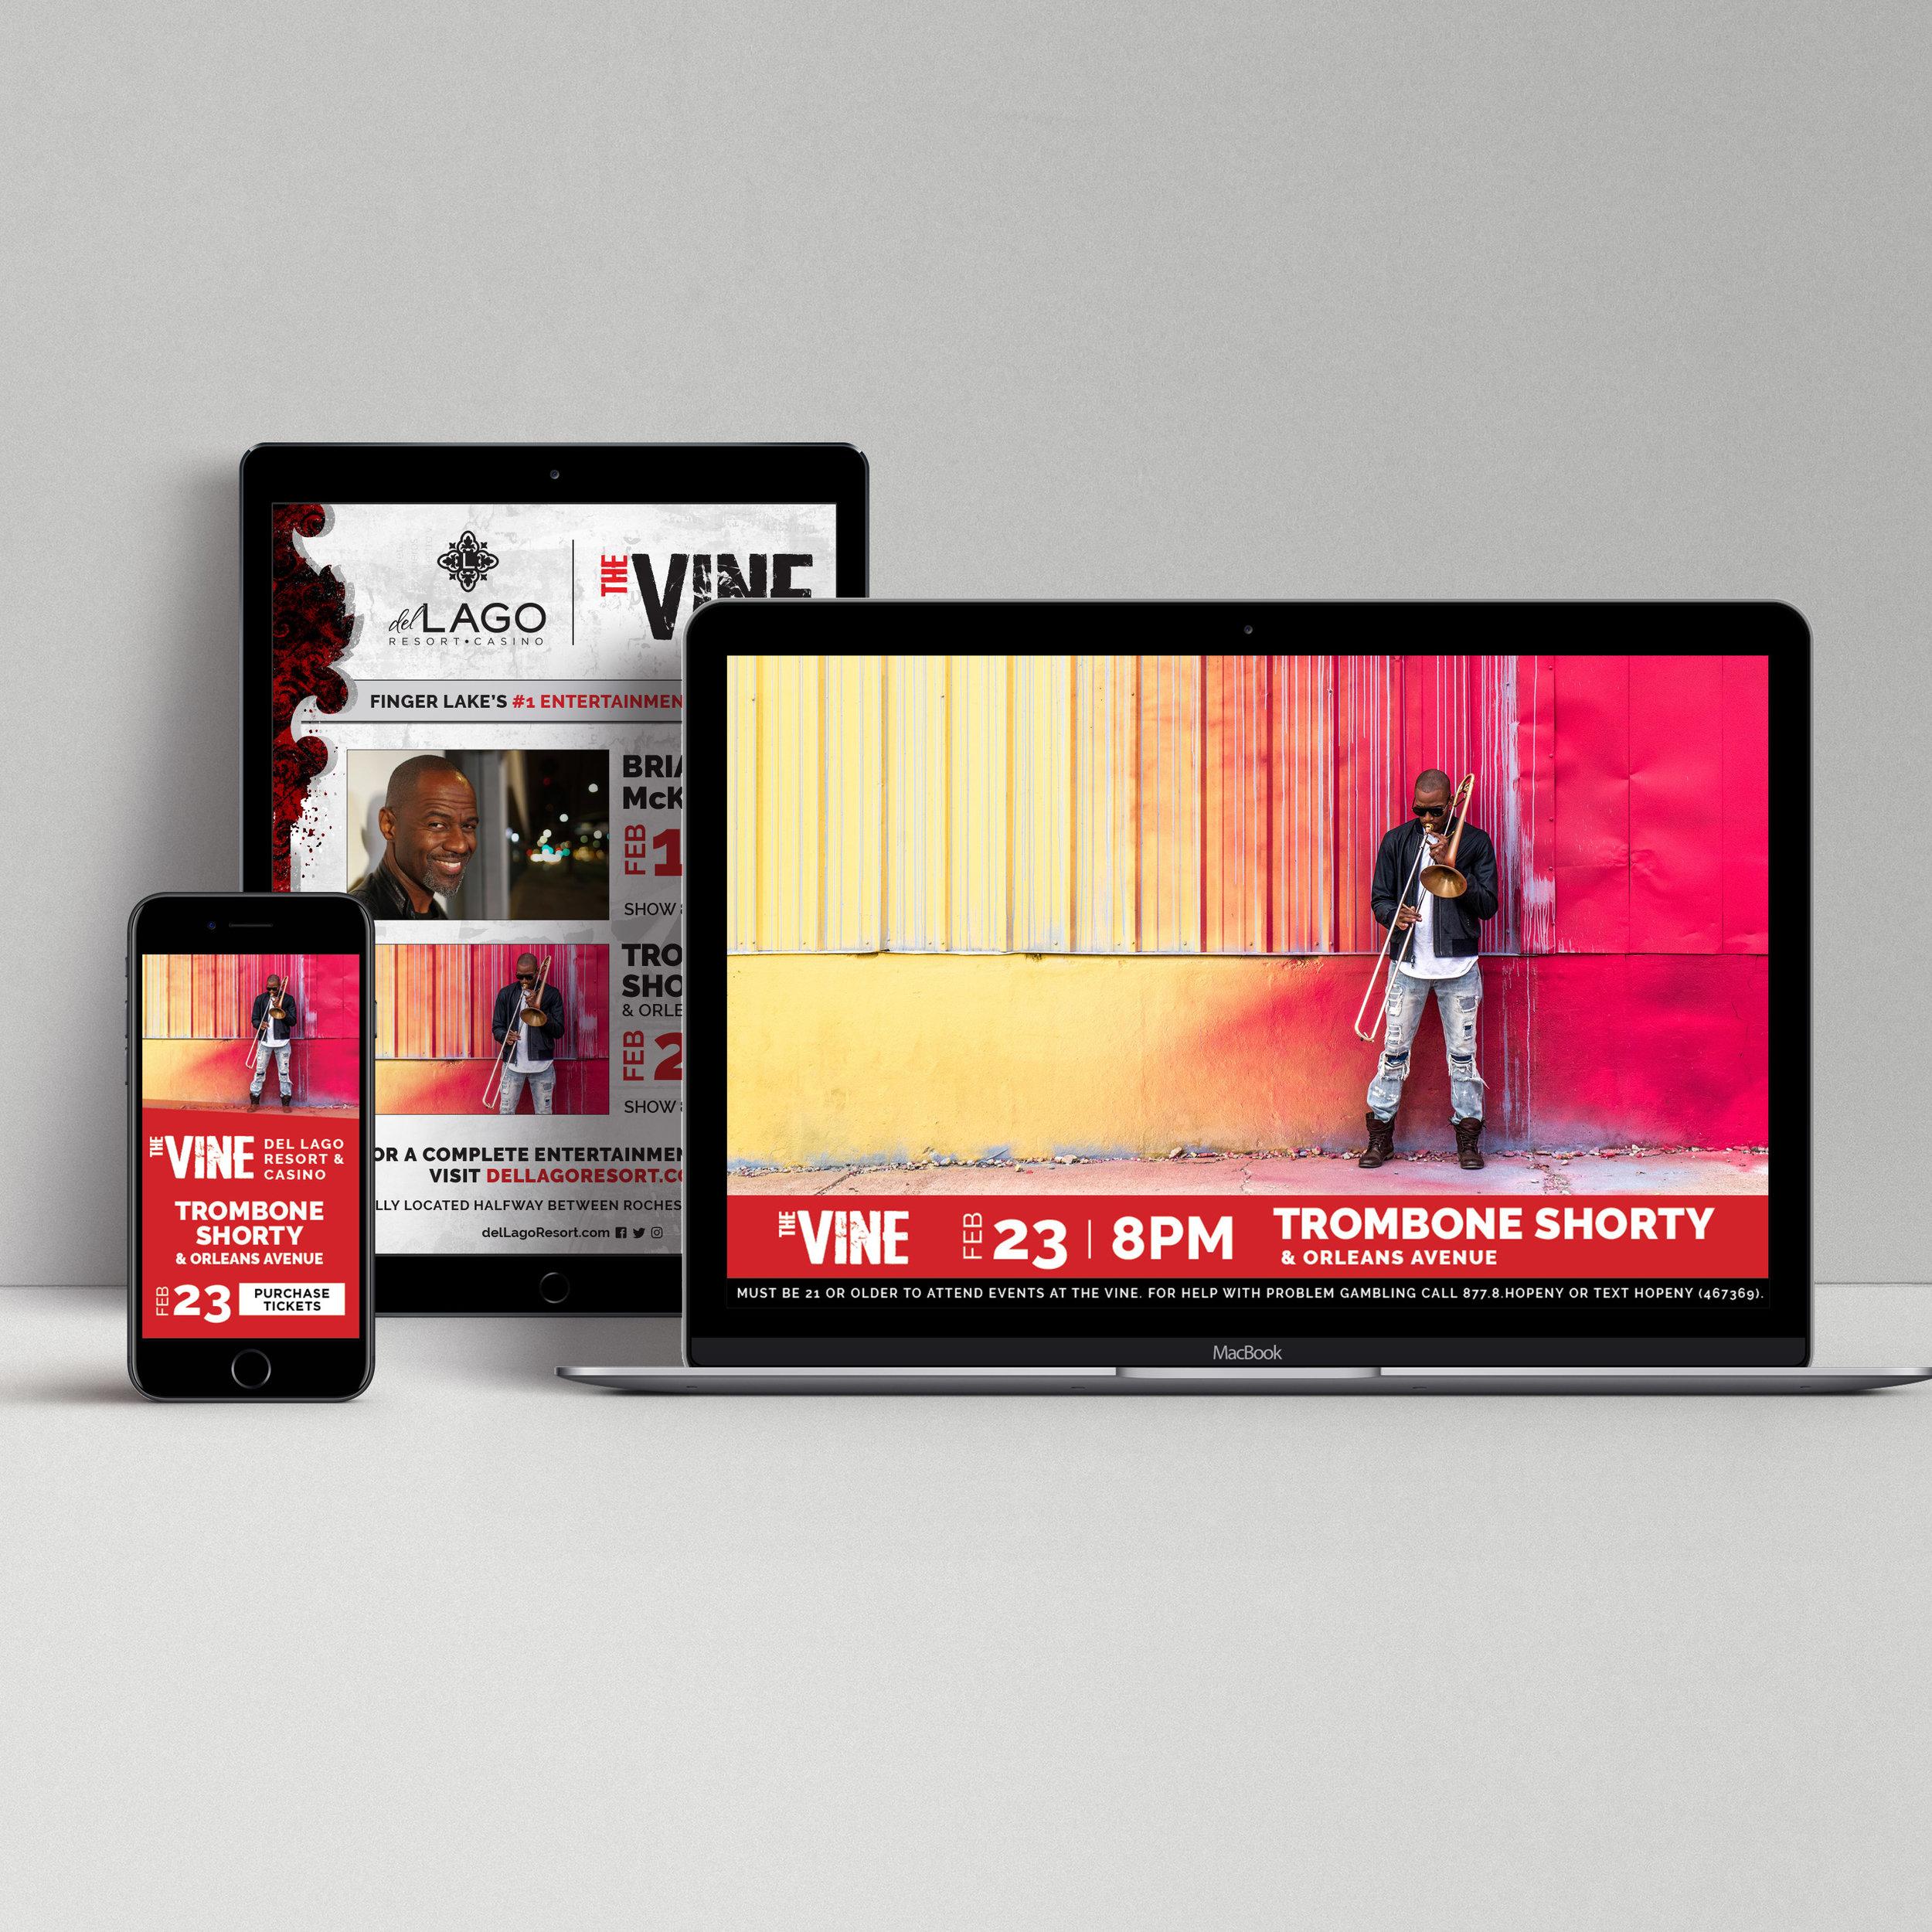 del Lago Resort & Casino: The Vine Social Campaign